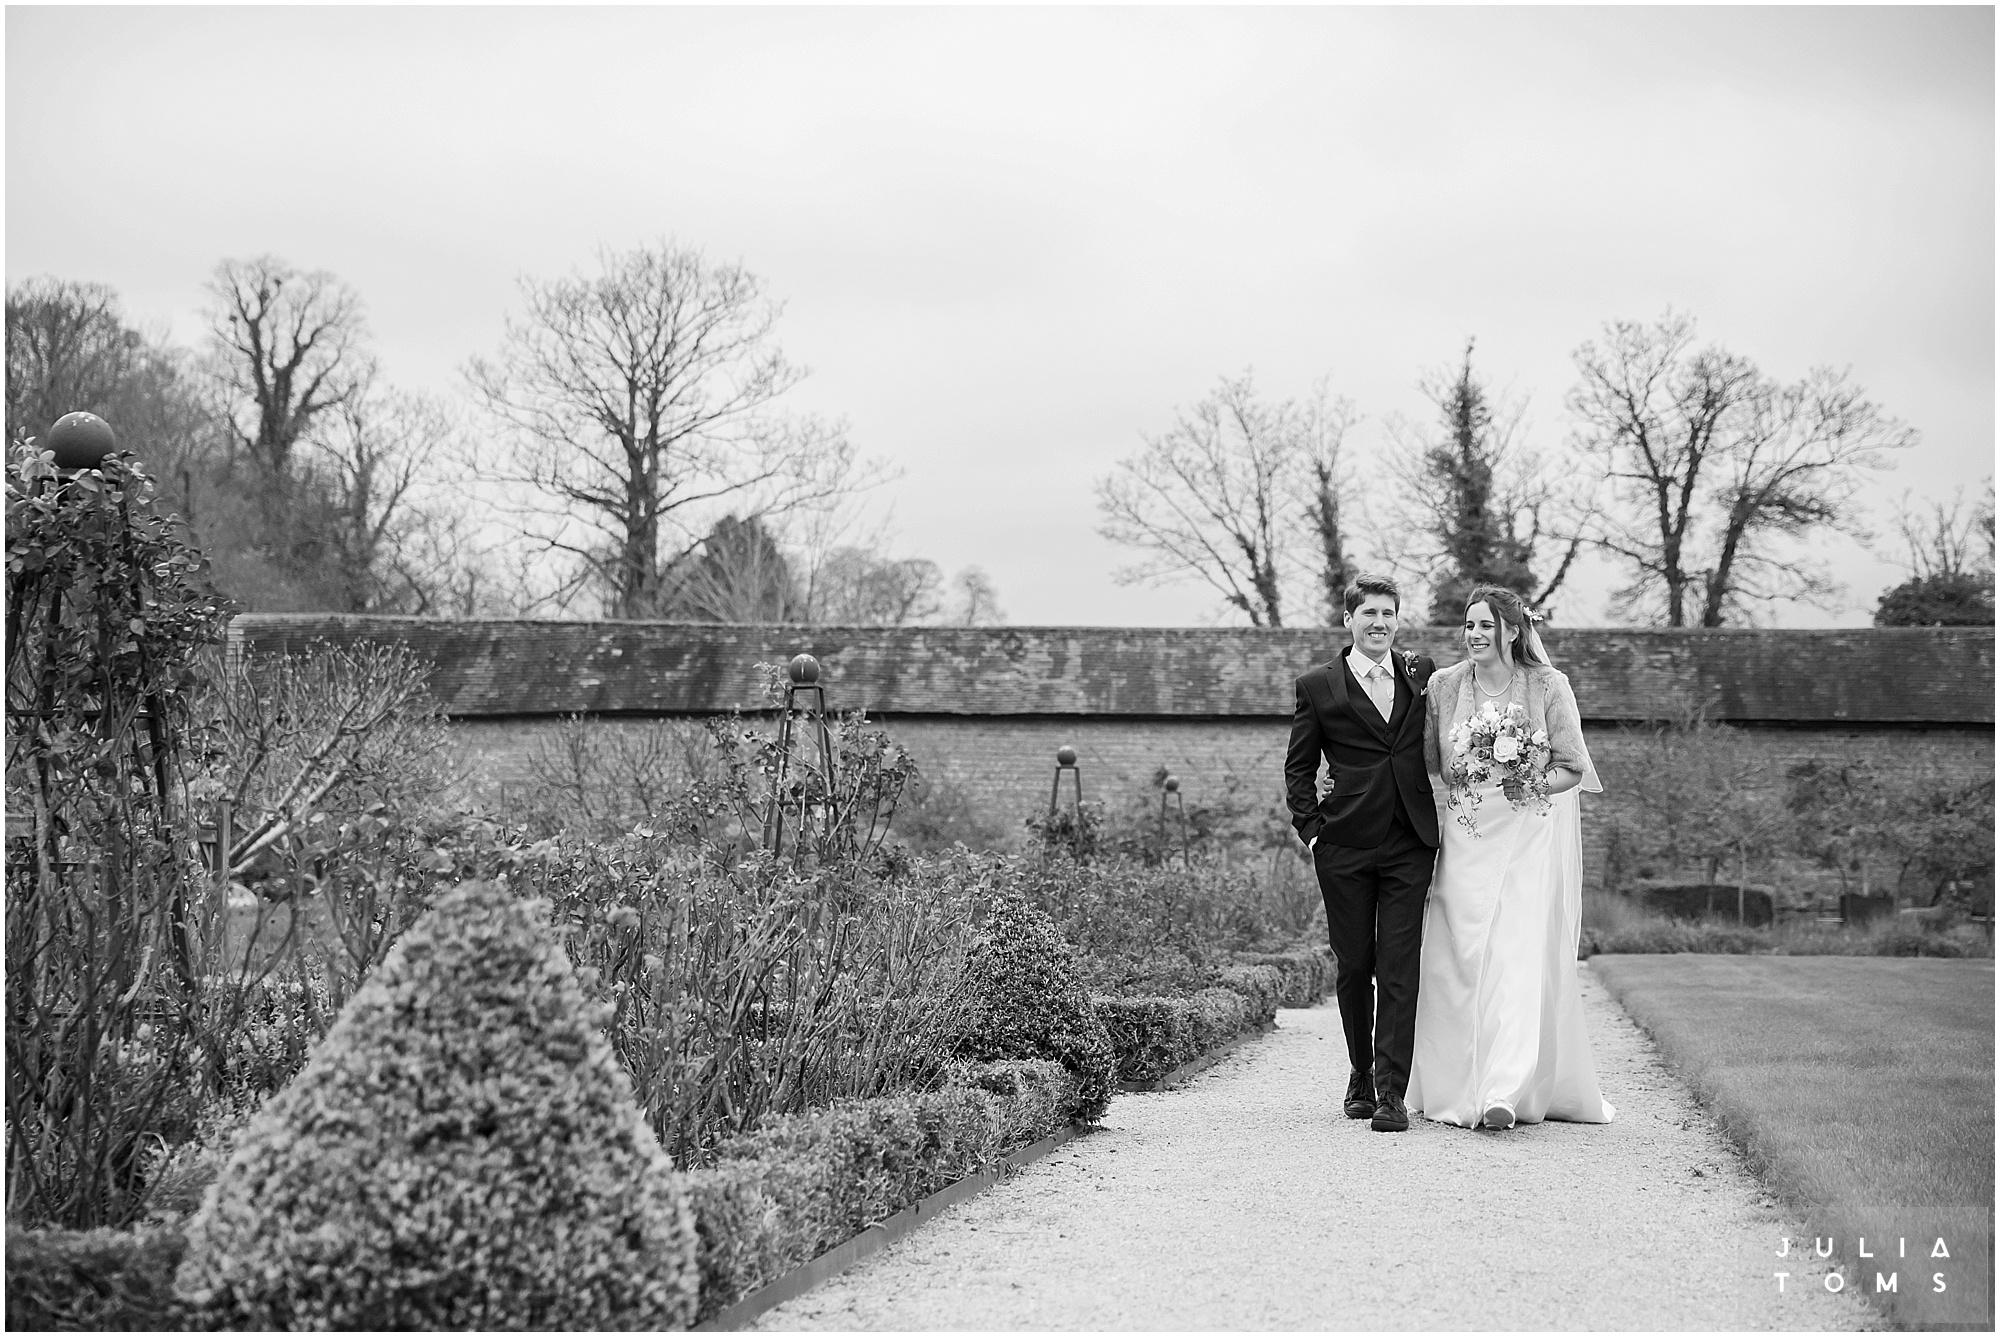 juliatoms_christian_wedding_photogtapher_midhurst_014.jpg